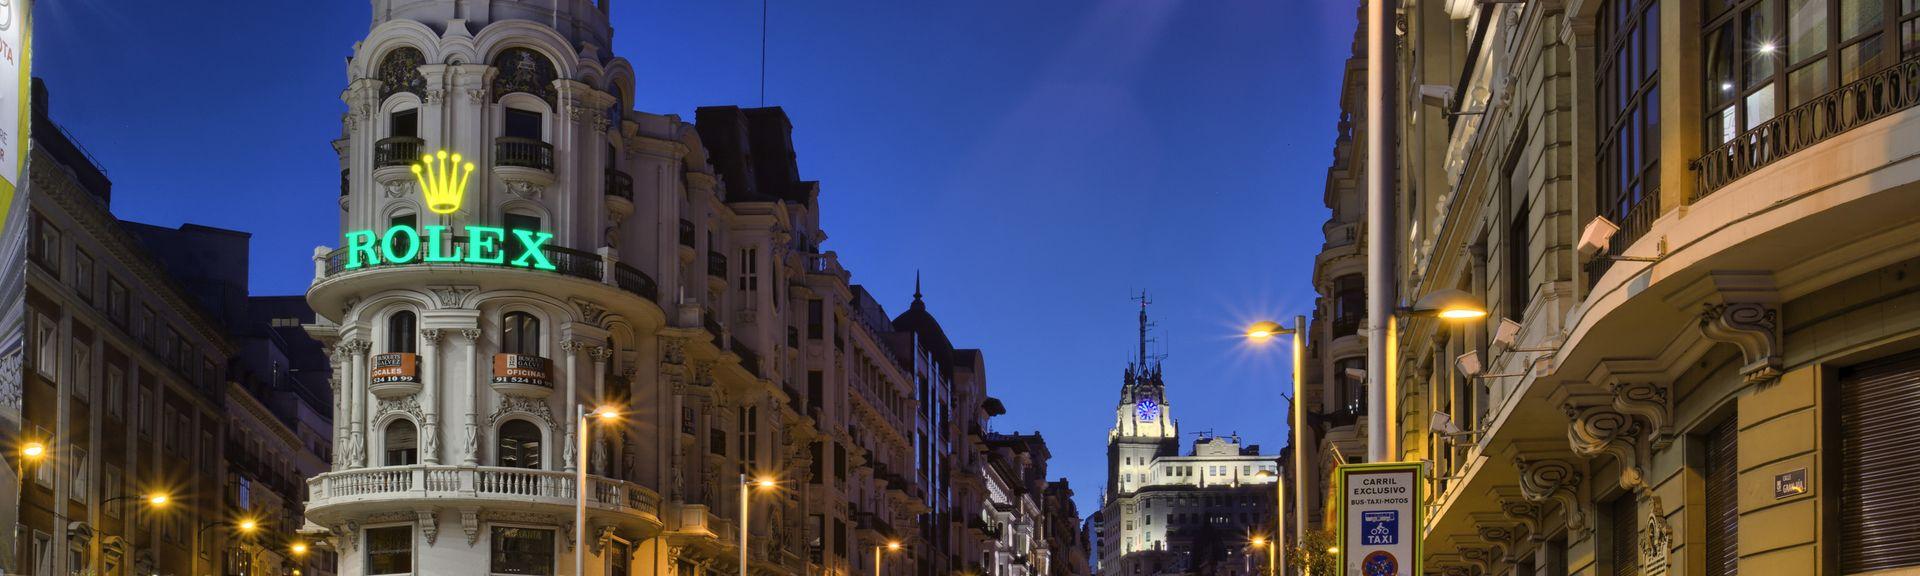 Goya, Madrid, Madrid, Spain